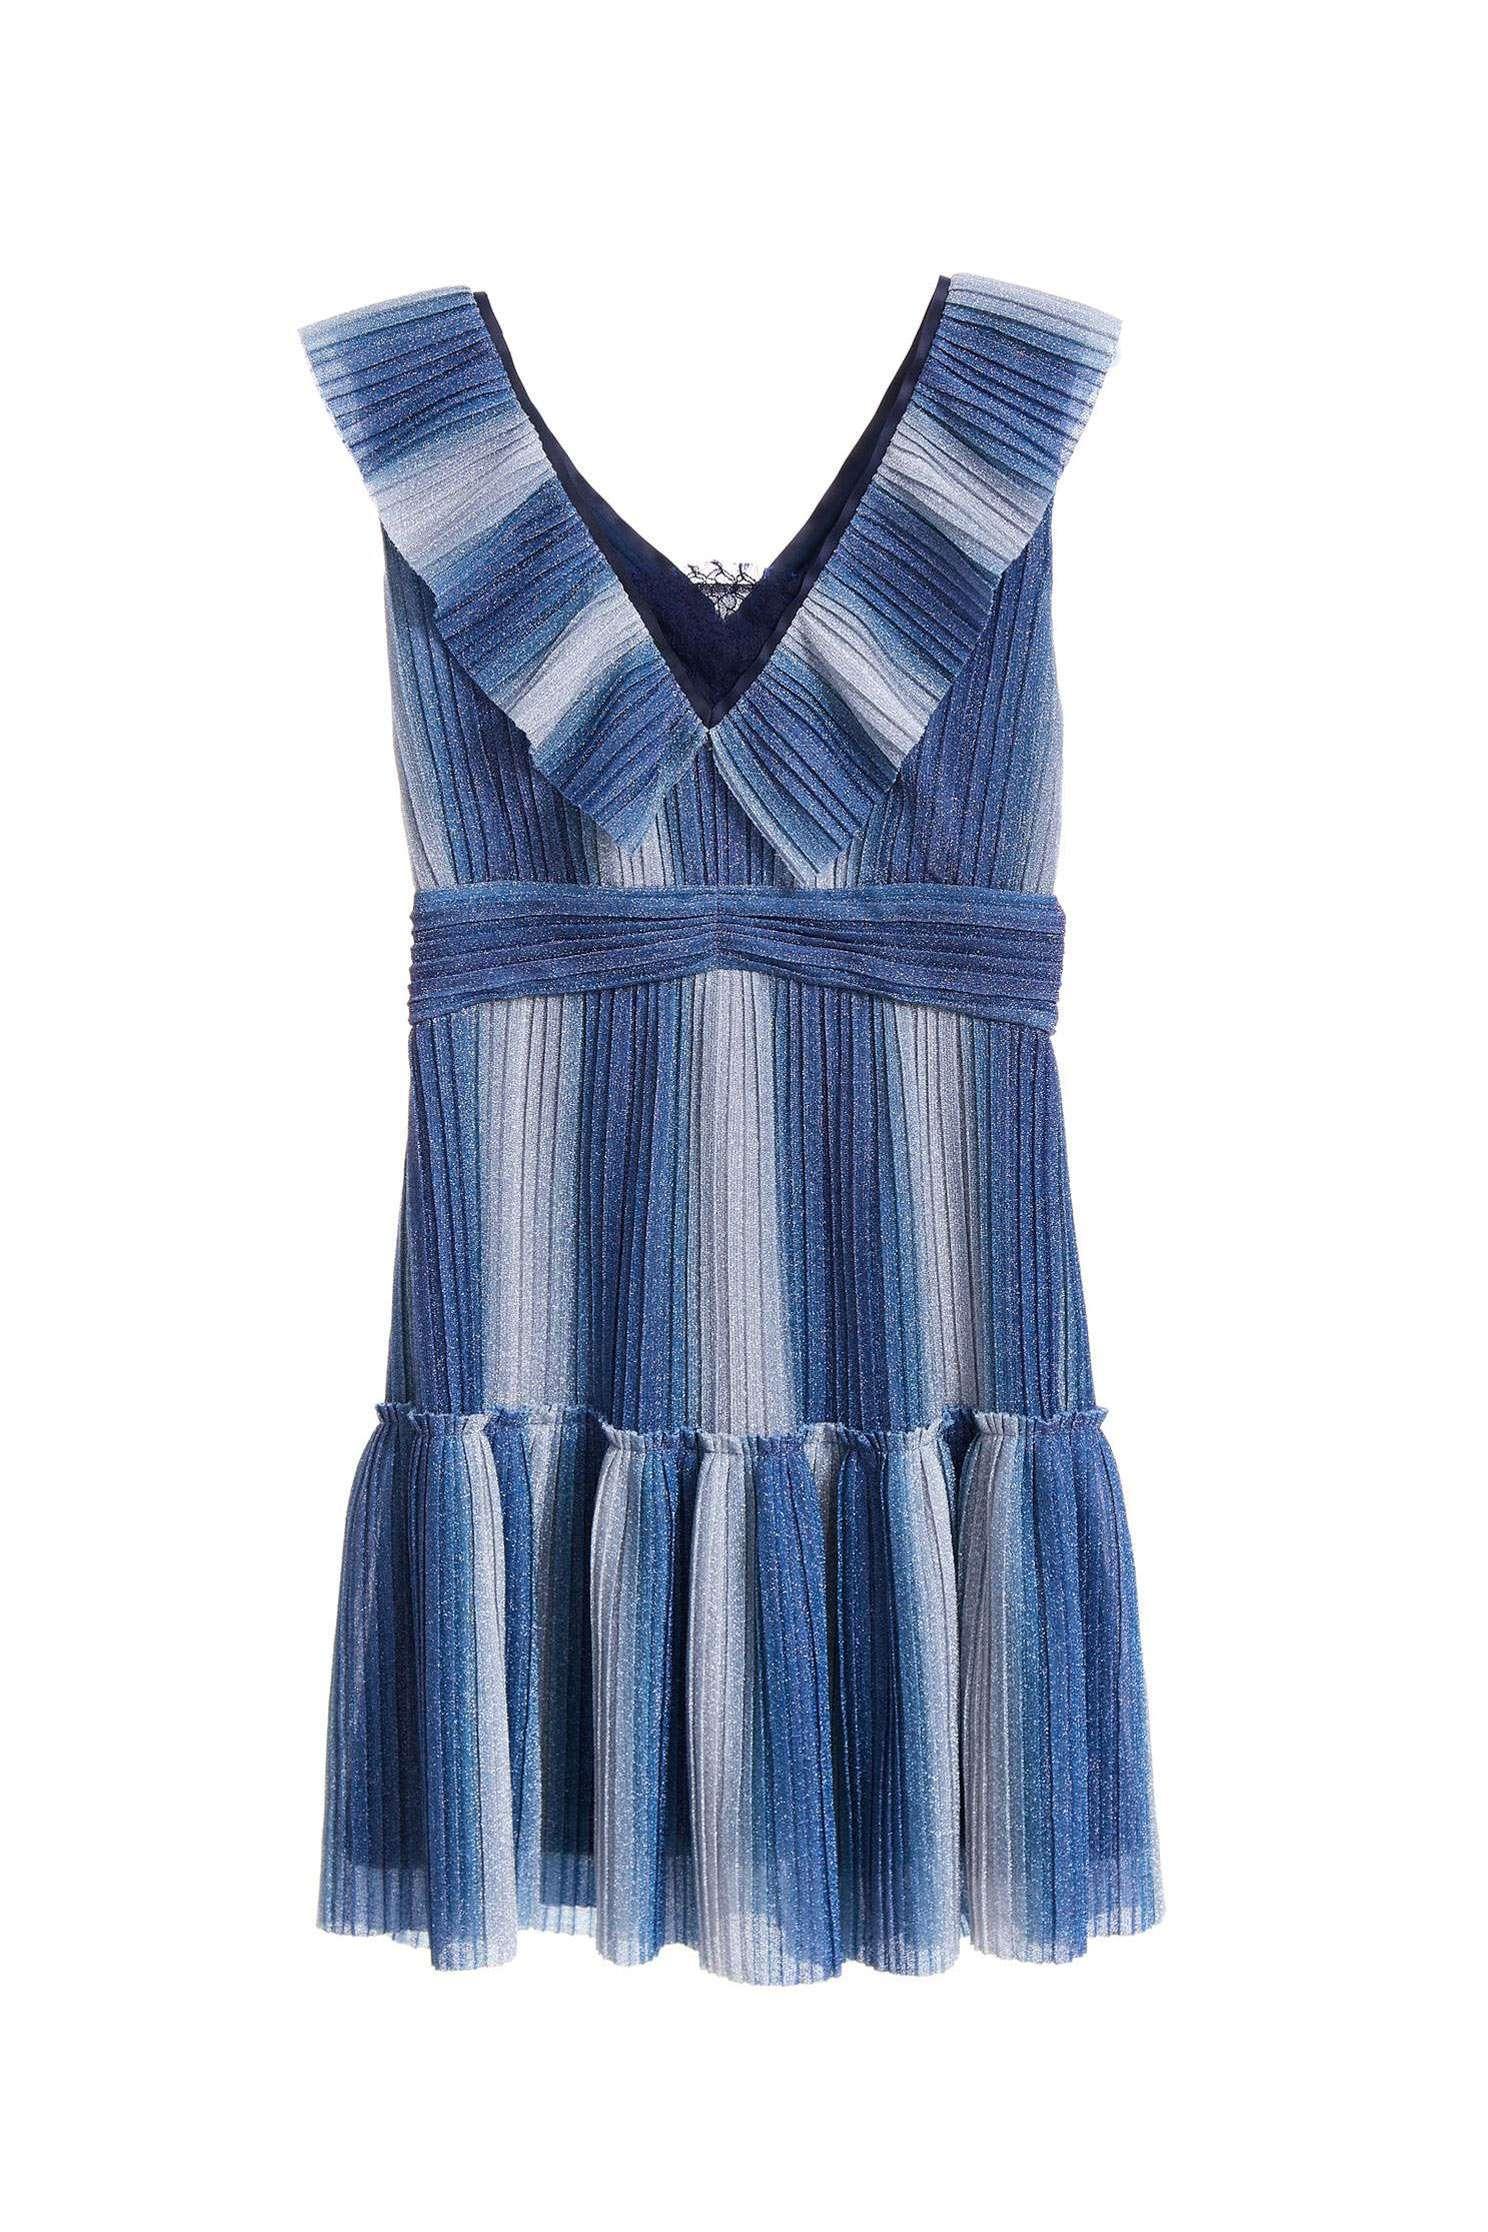 Gradient short dress,Cocktail Dress,無袖洋裝,Evening Wear